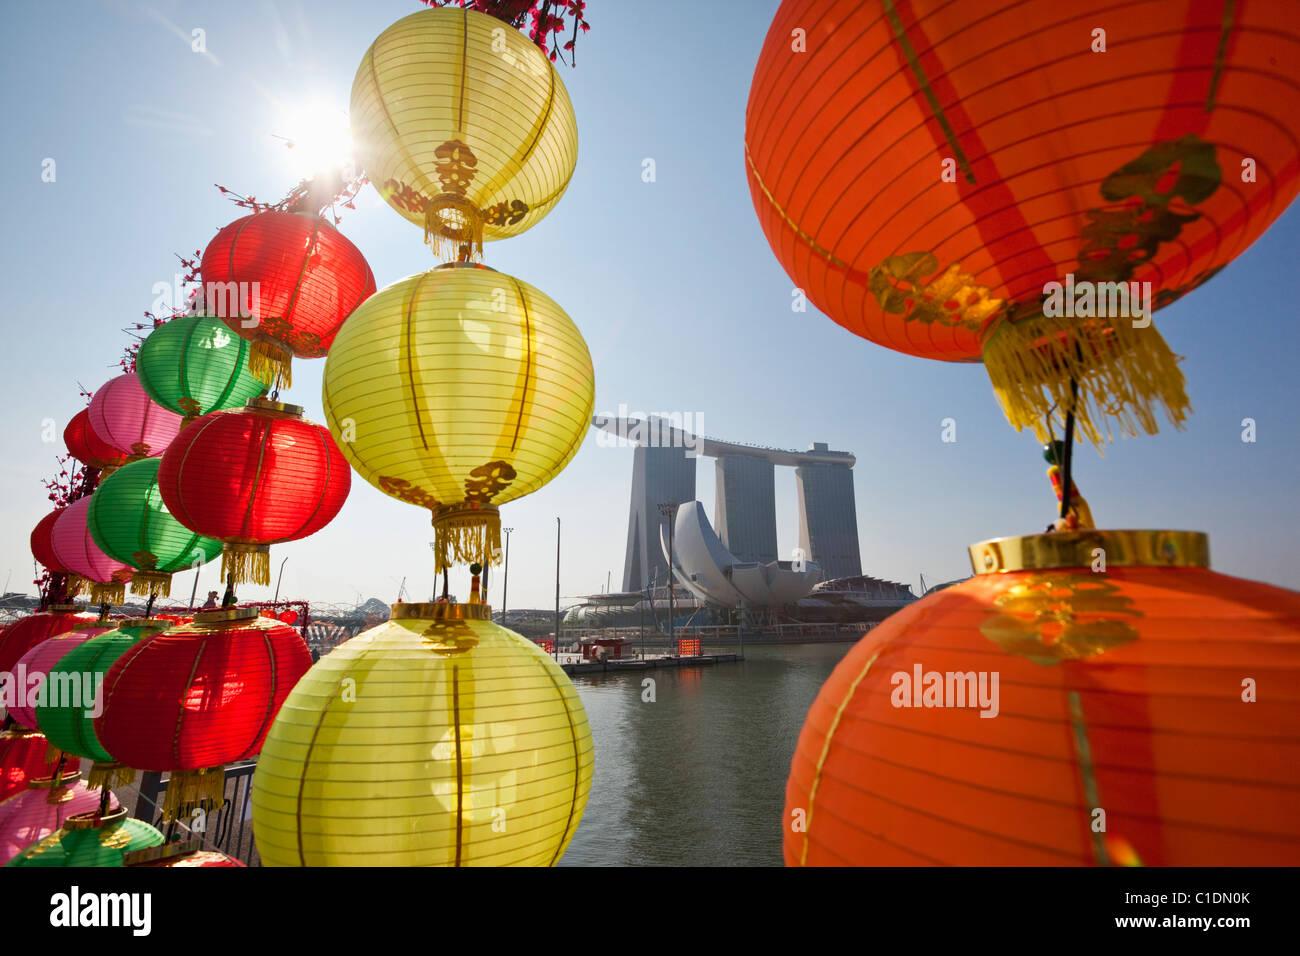 Le Marina Bay Sands Singapour vue par les décorations du Nouvel An chinois. Marina Bay, Singapour Photo Stock